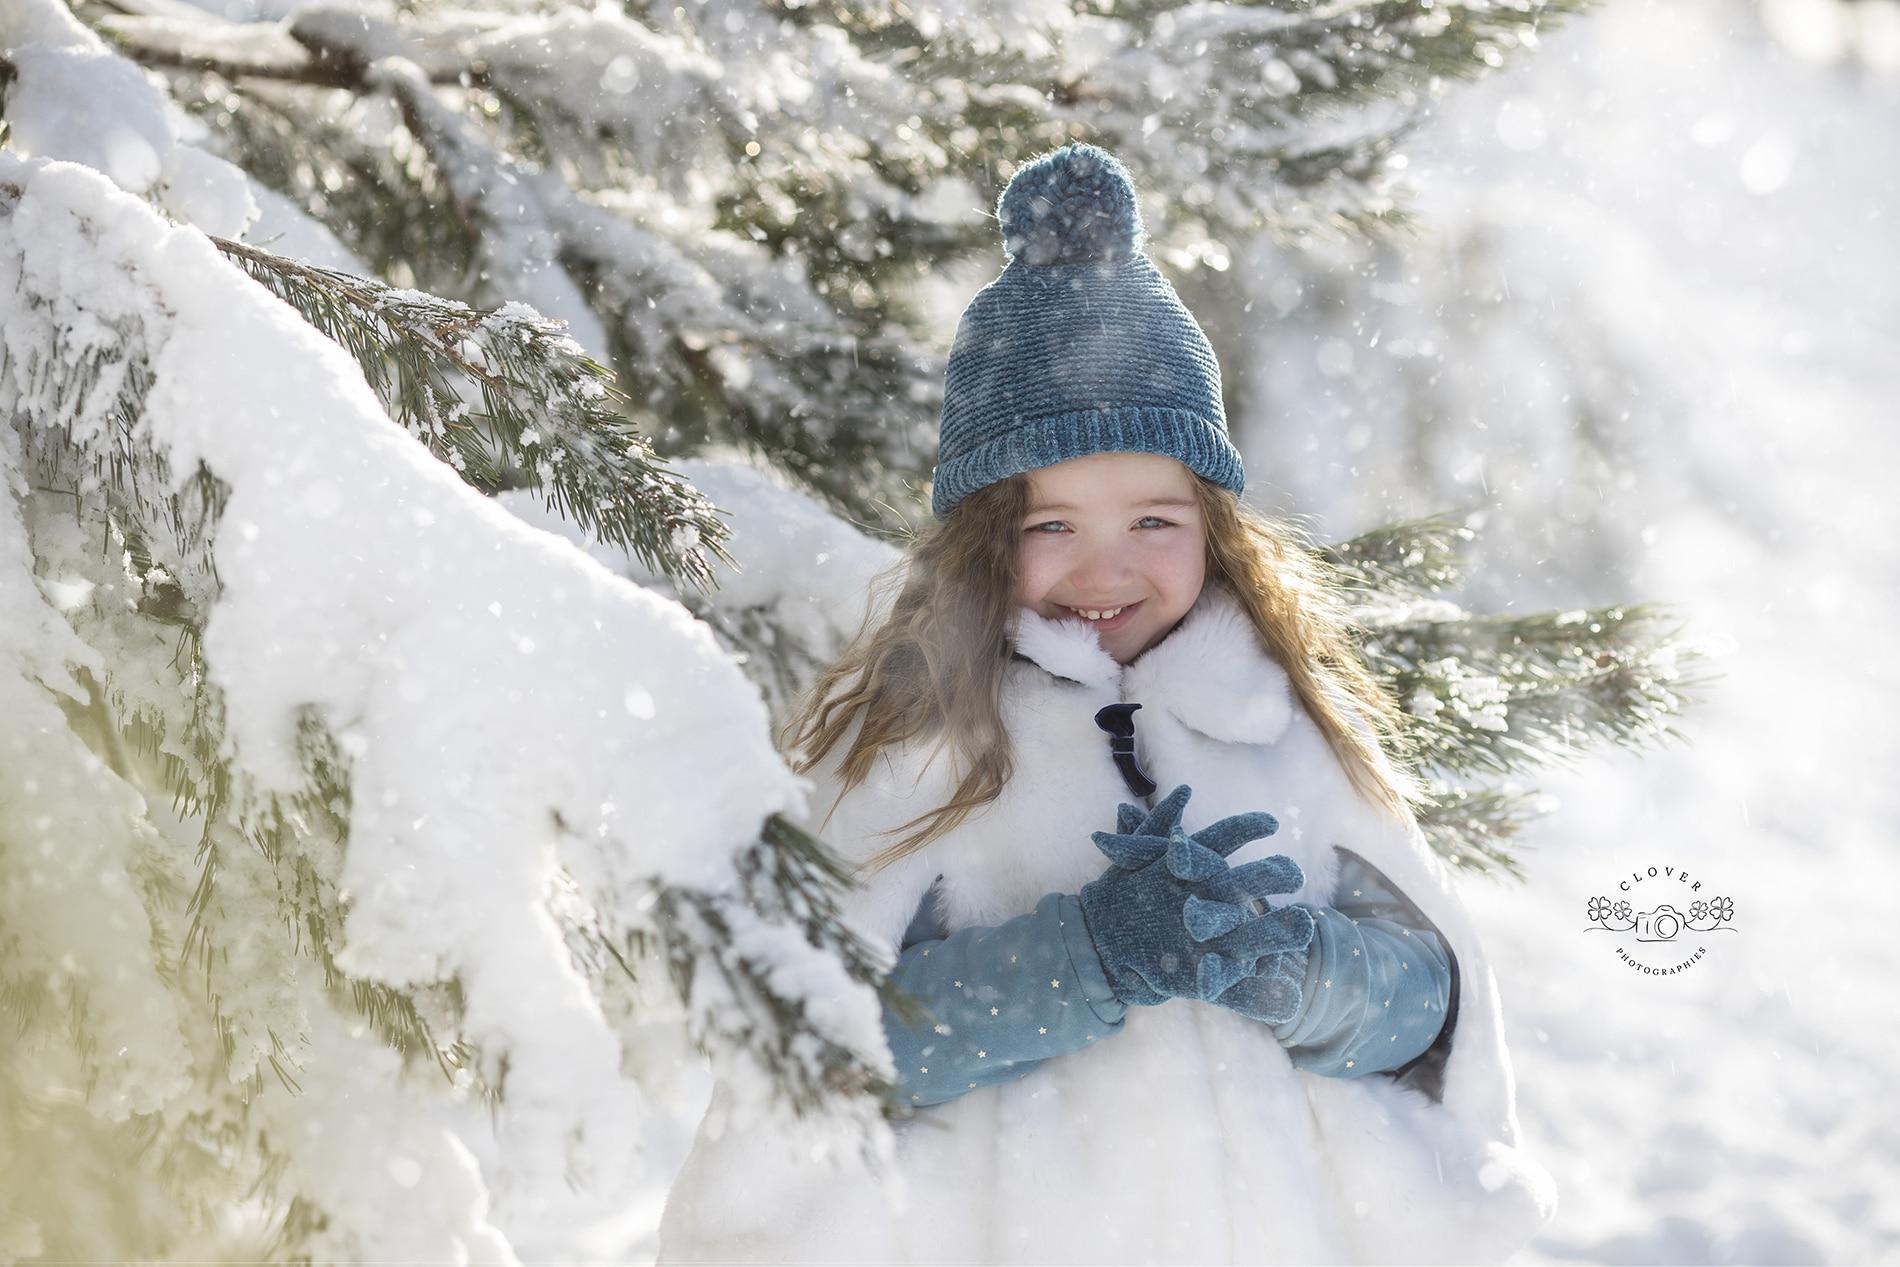 Séance photo enfant - portrait fine art - neige Strasbourg - Clover Photographies